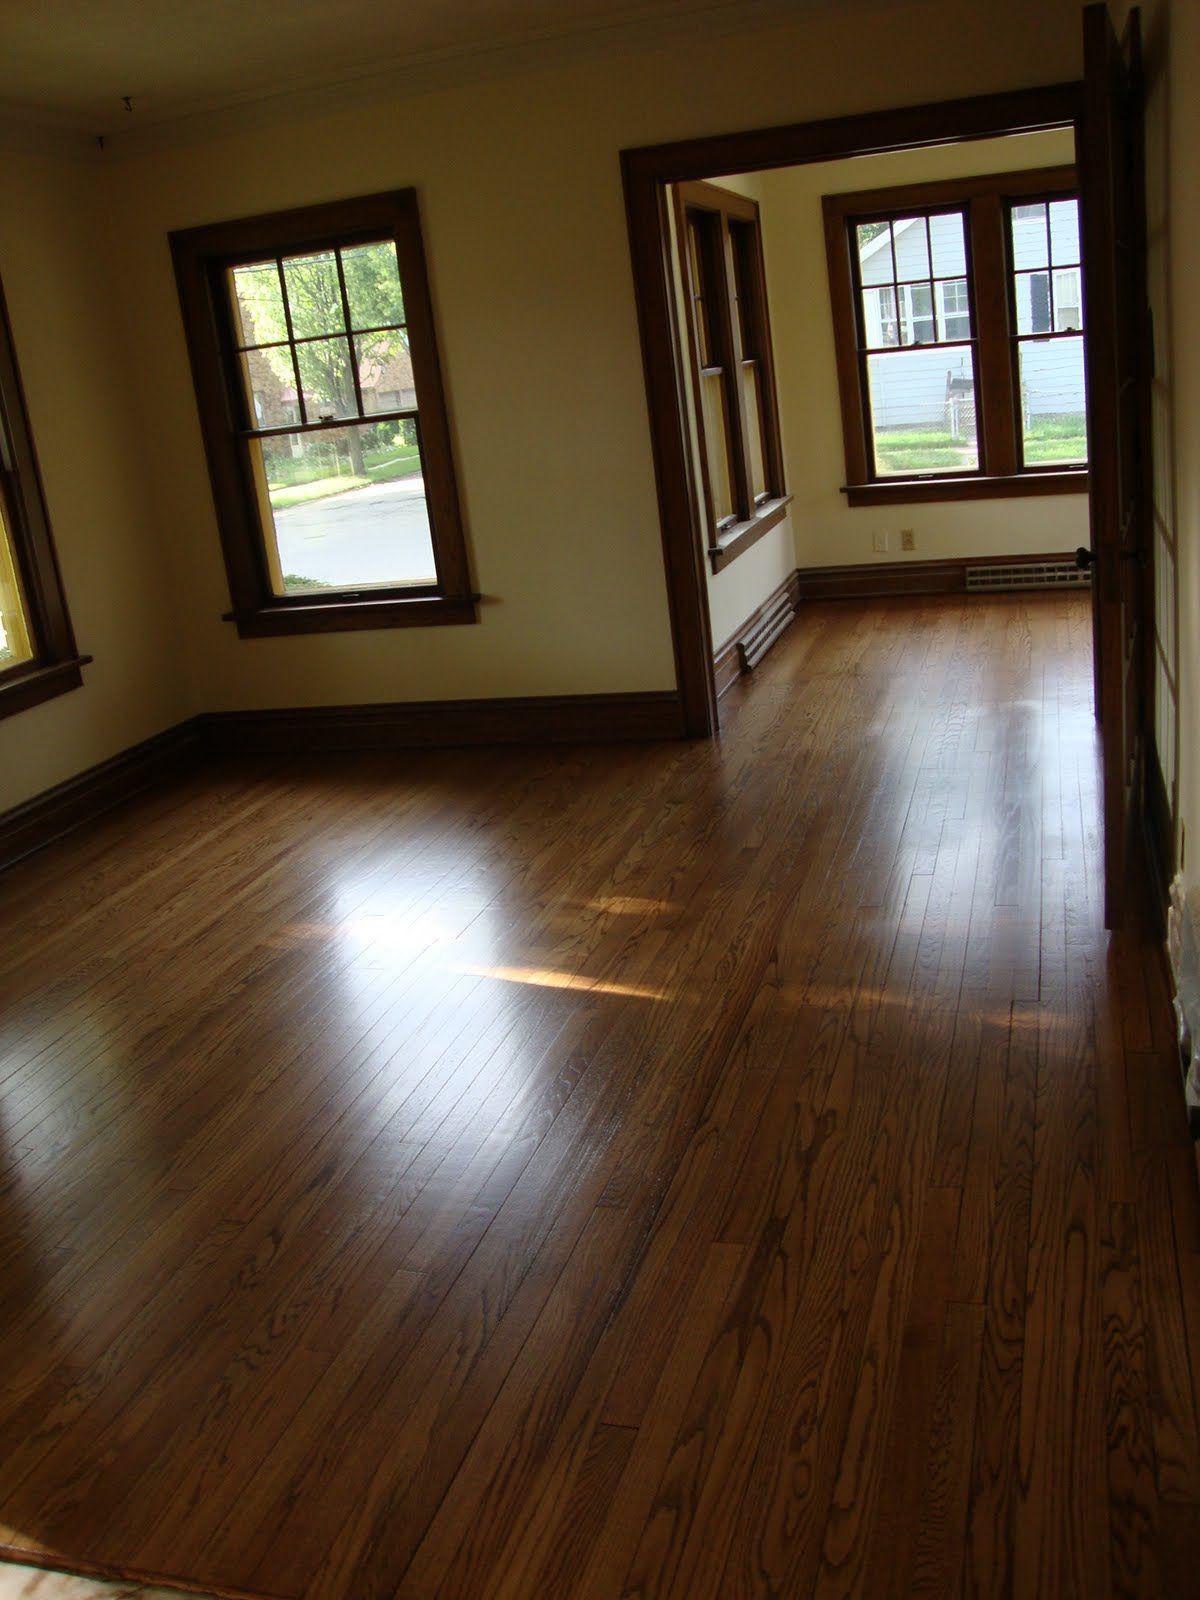 dark hardwood floor colors of grey walls dark wood floors dark wood trim with hardwood floors and in grey walls dark wood floors dark wood trim with hardwood floors and lighter not sterile white